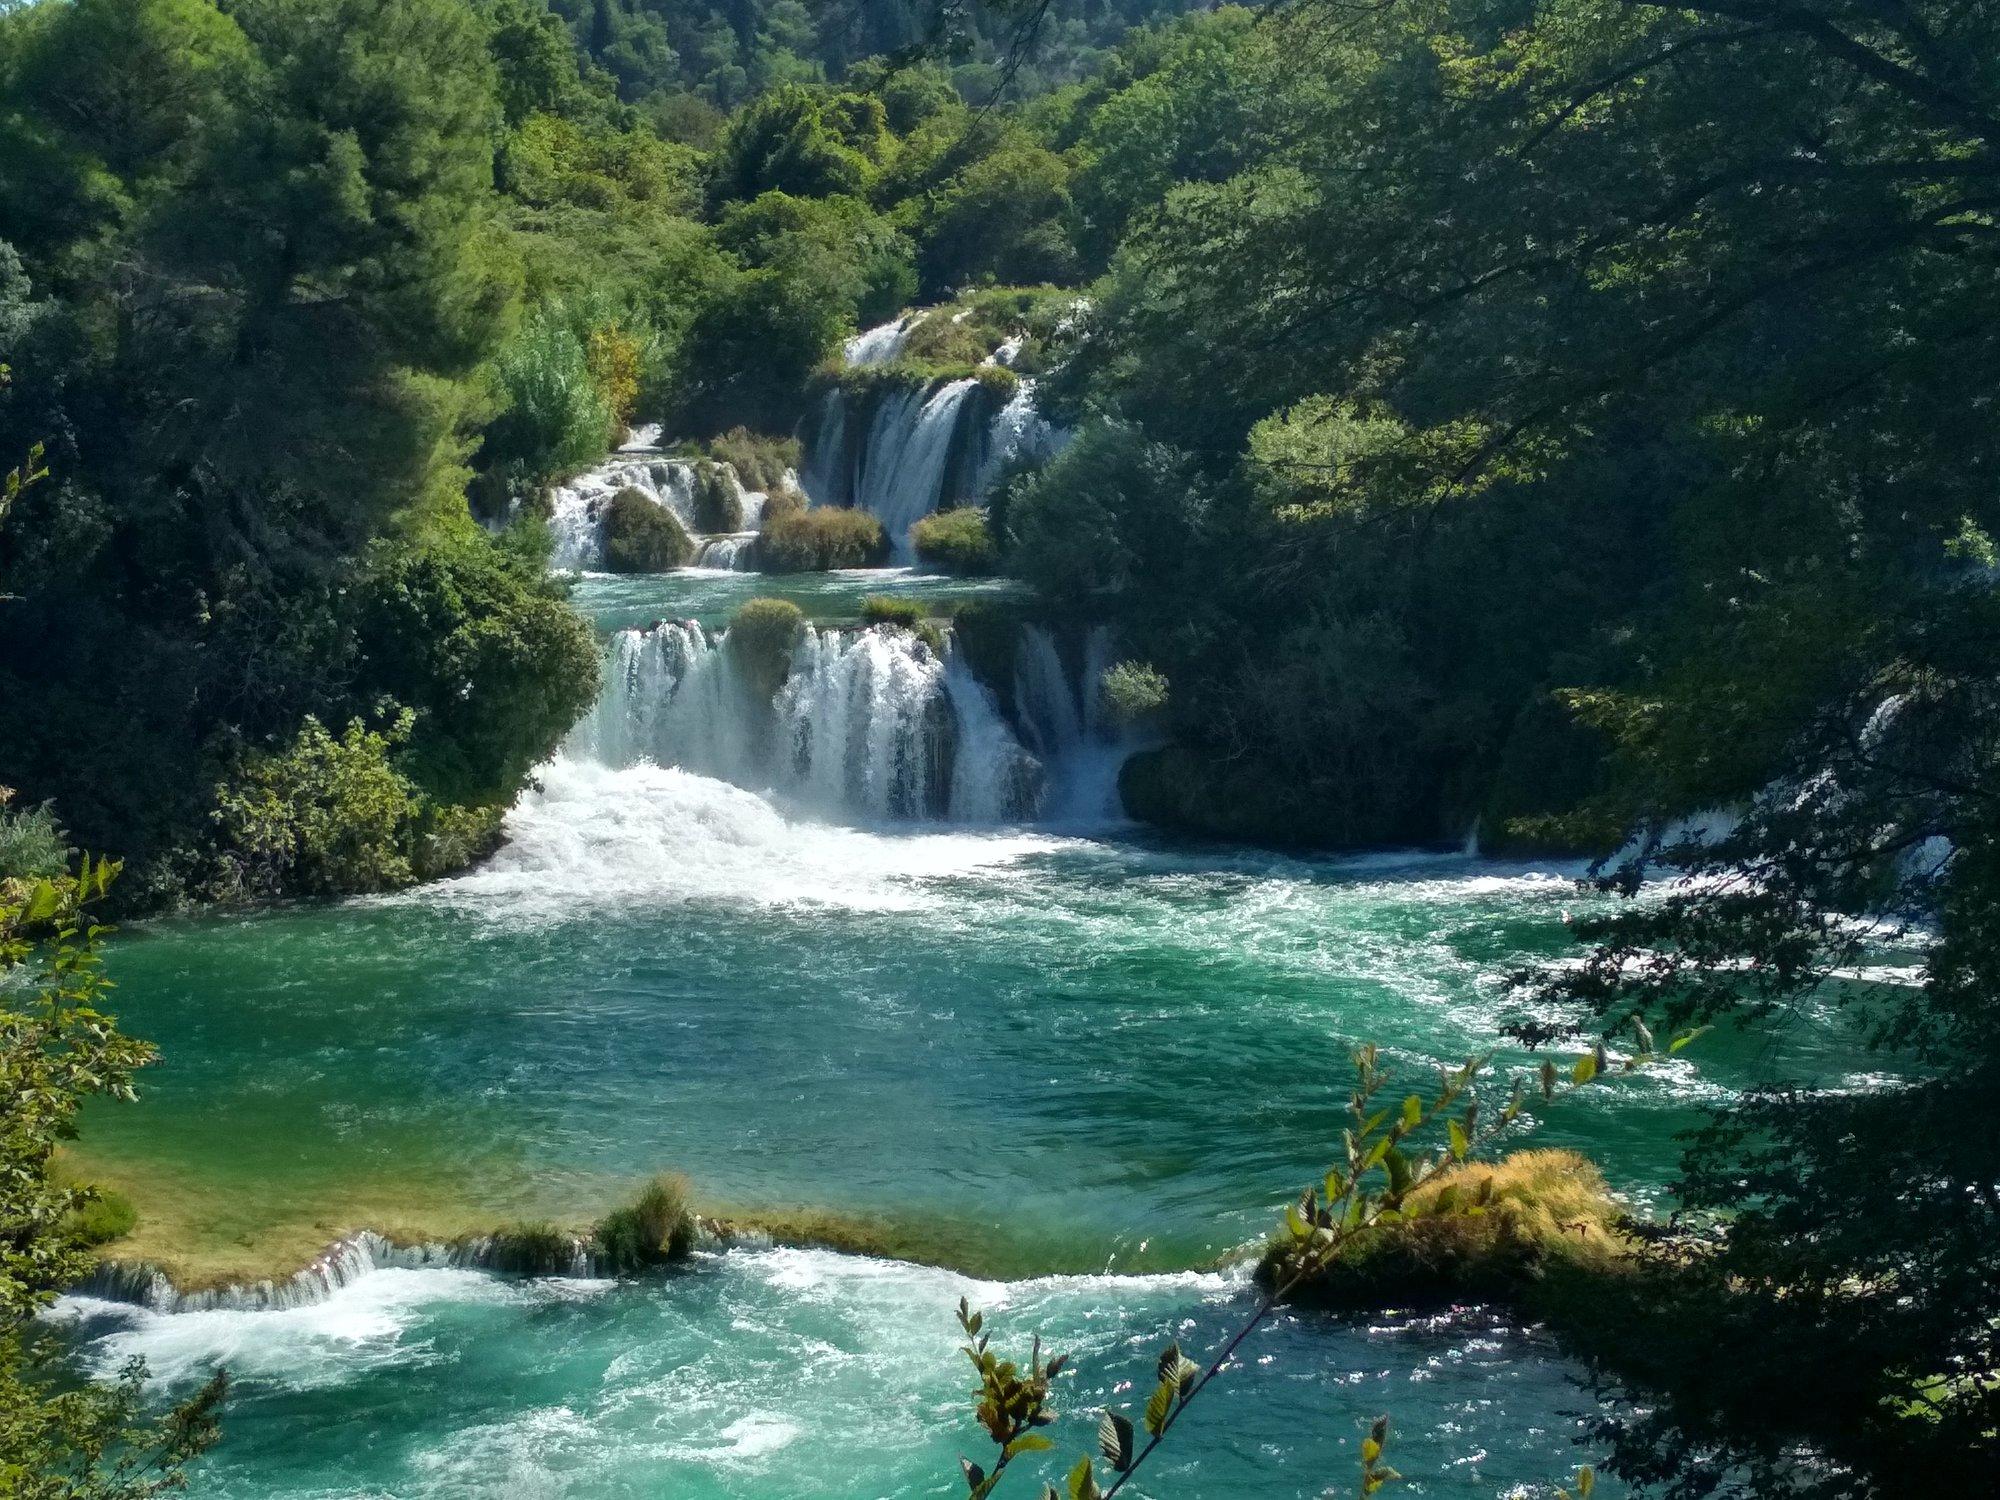 каскада на реке Крка